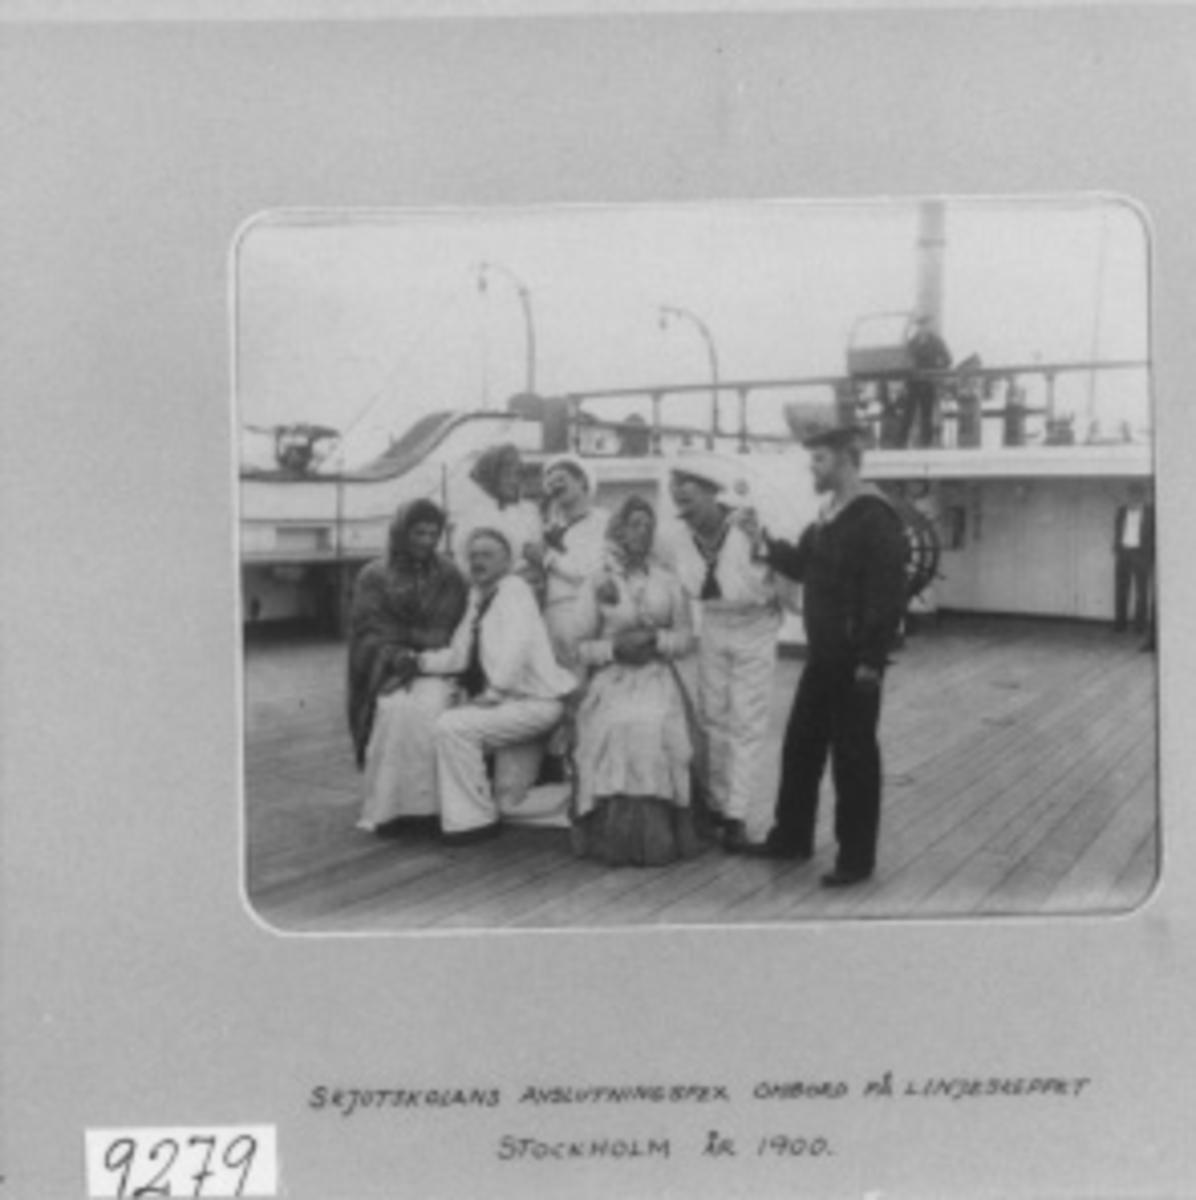 Fotografi med ram av ljusgrå papp. Märkt med bläck: Skjutskolan avslutningsspex ombord på linjeskeppet Stockholm 1900.